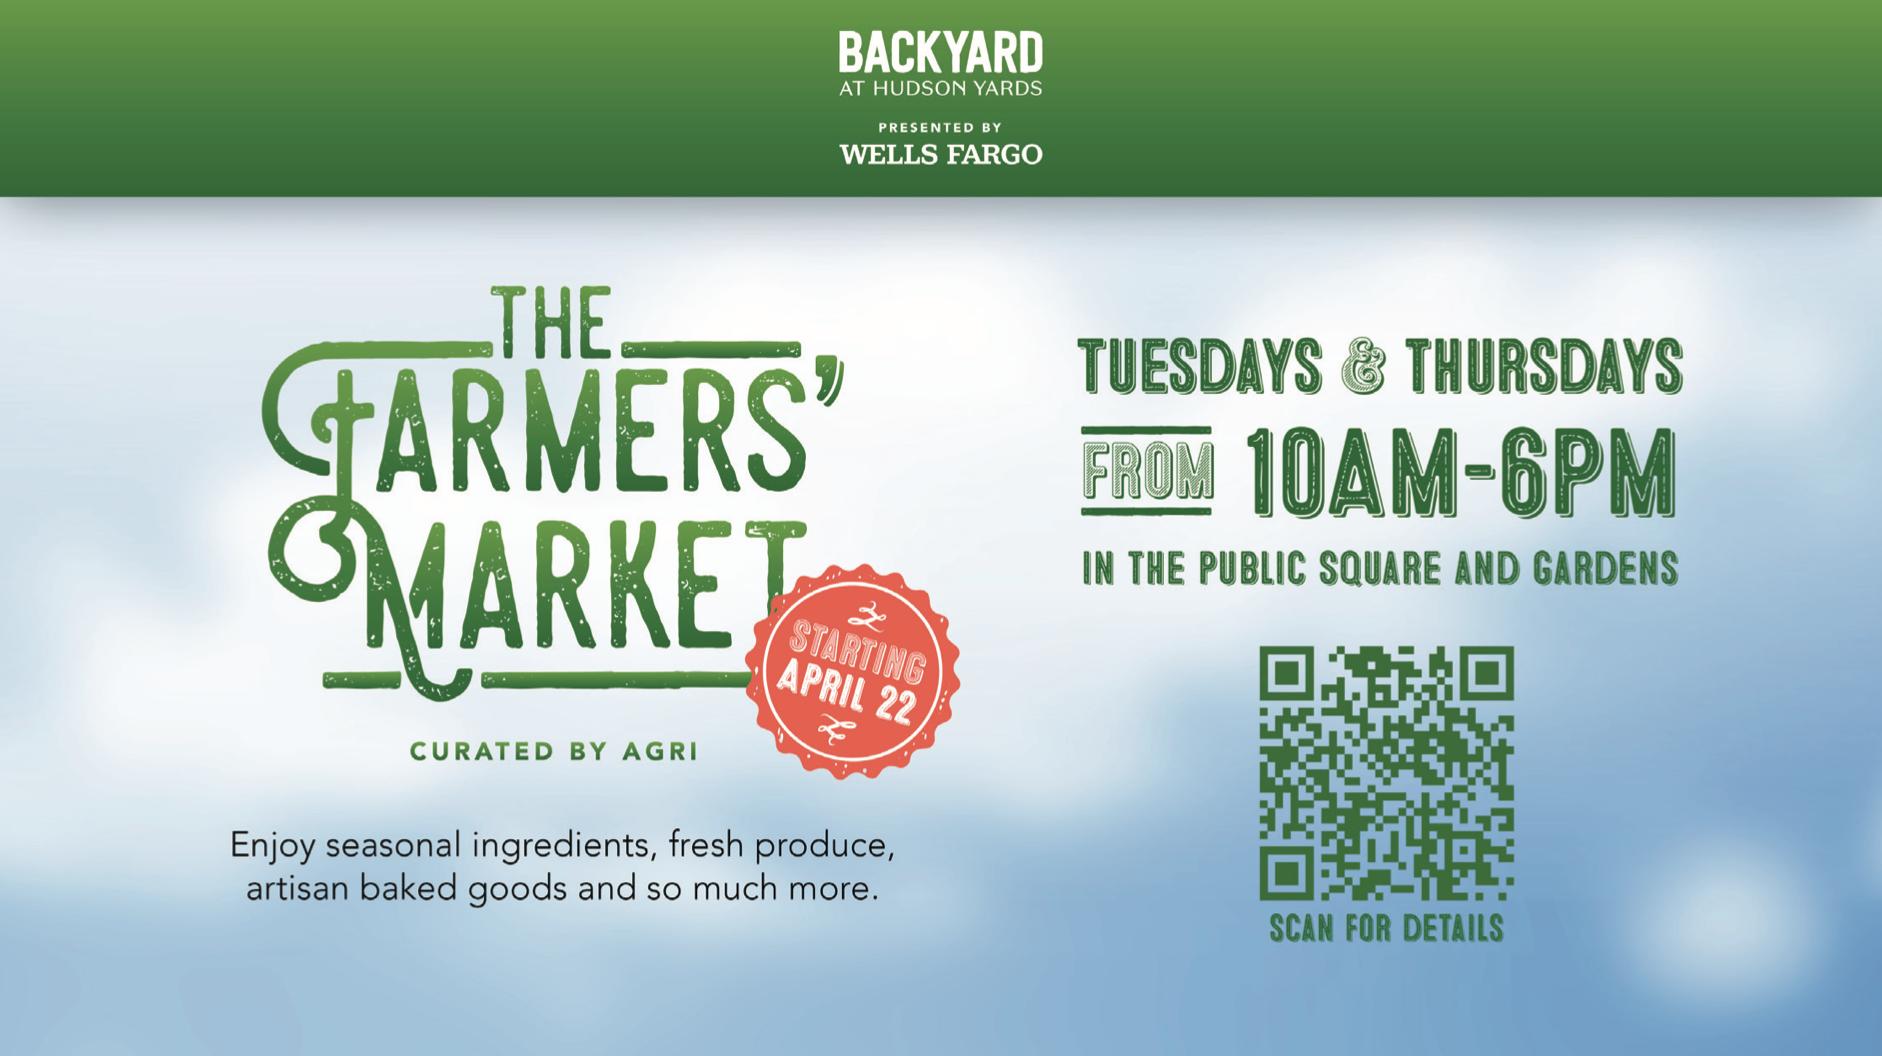 Inaugural Earth Day Farmer's Market at The Backyard at Hudson Yards